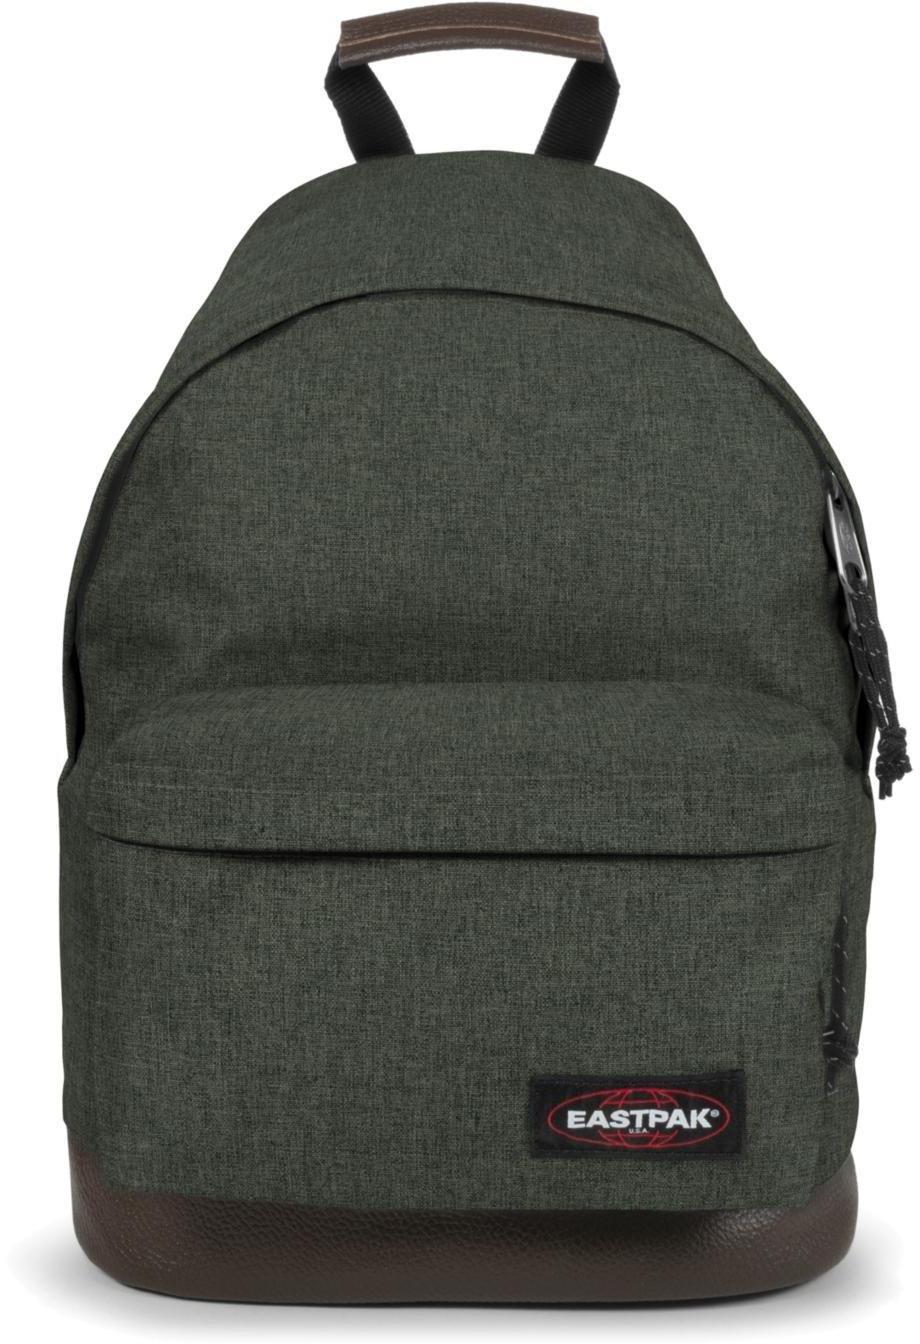 Eastpak rugzak, »WYOMING crafty khaki« nu online kopen bij OTTO